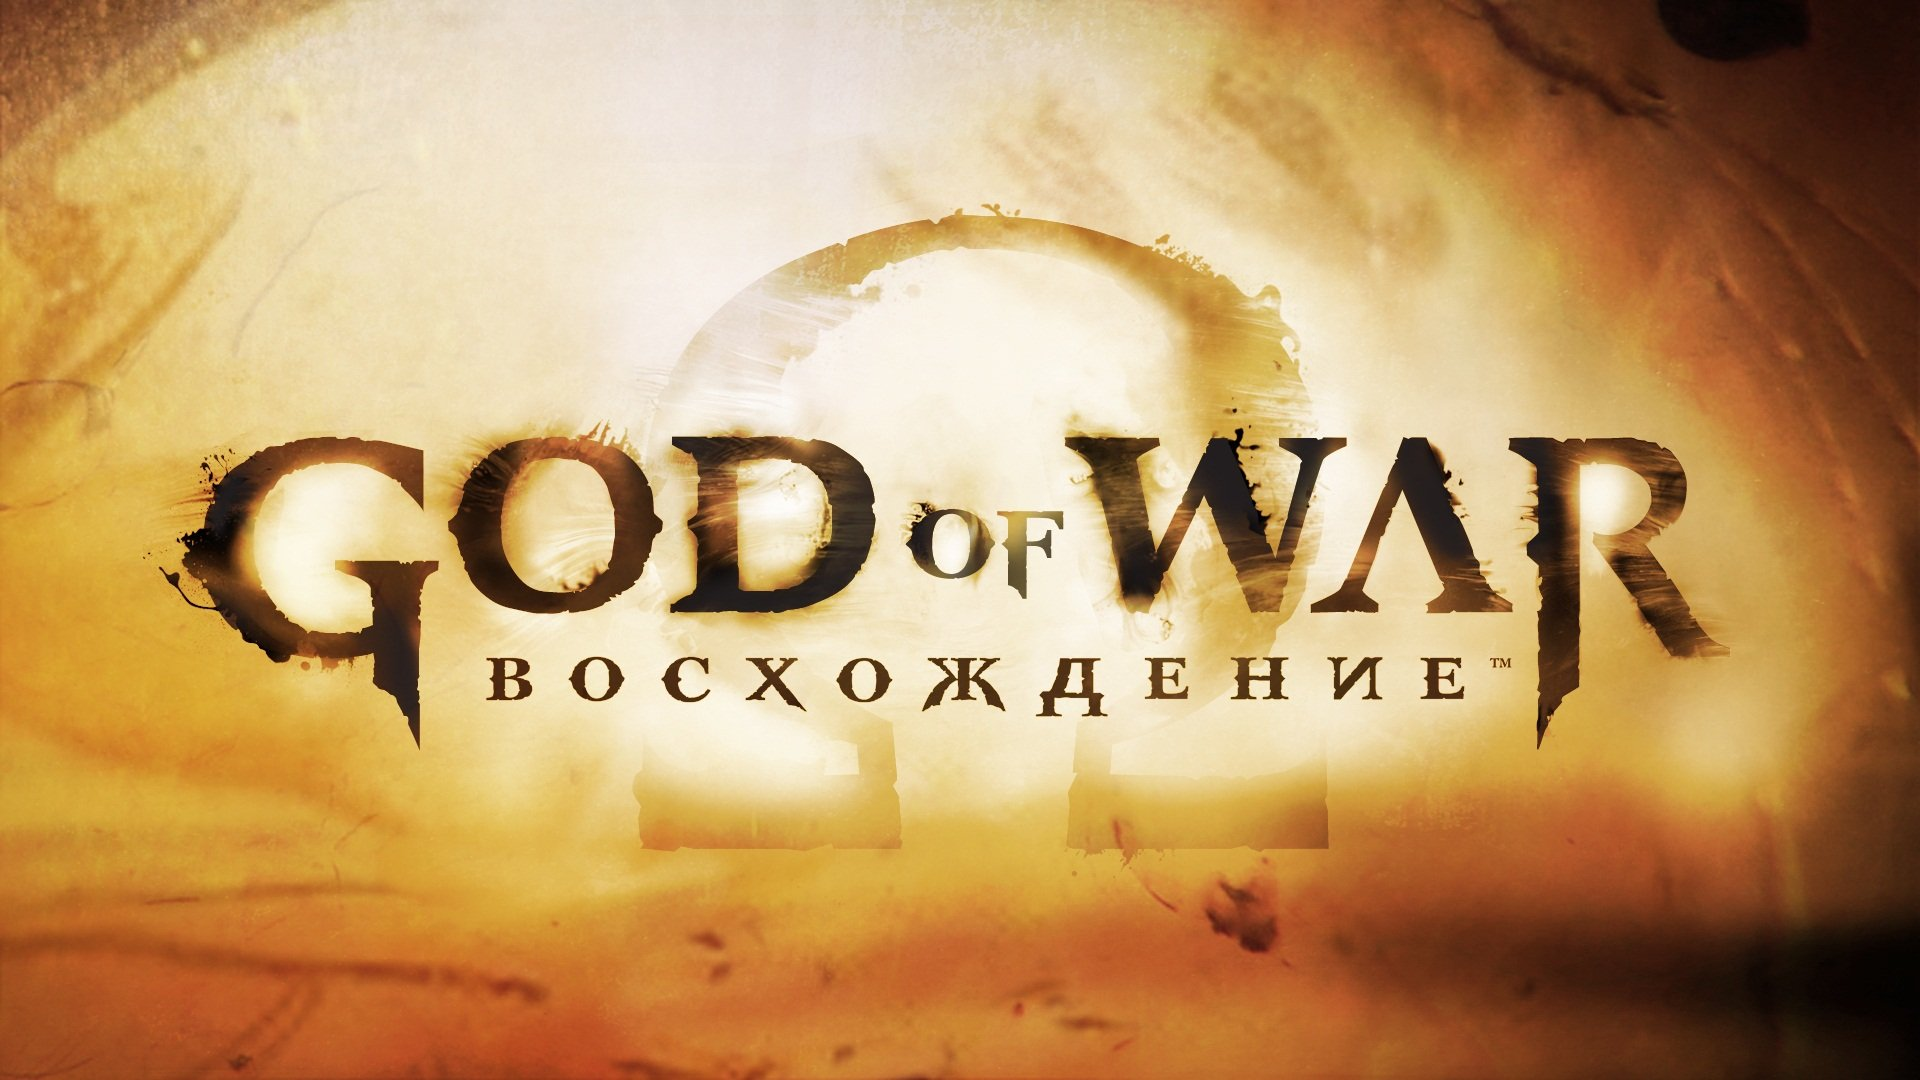 Мое знакомство с серией God of War произошло совсем недавно, где-то около полугода назад. Во глубоком безделье я отп .... - Изображение 1